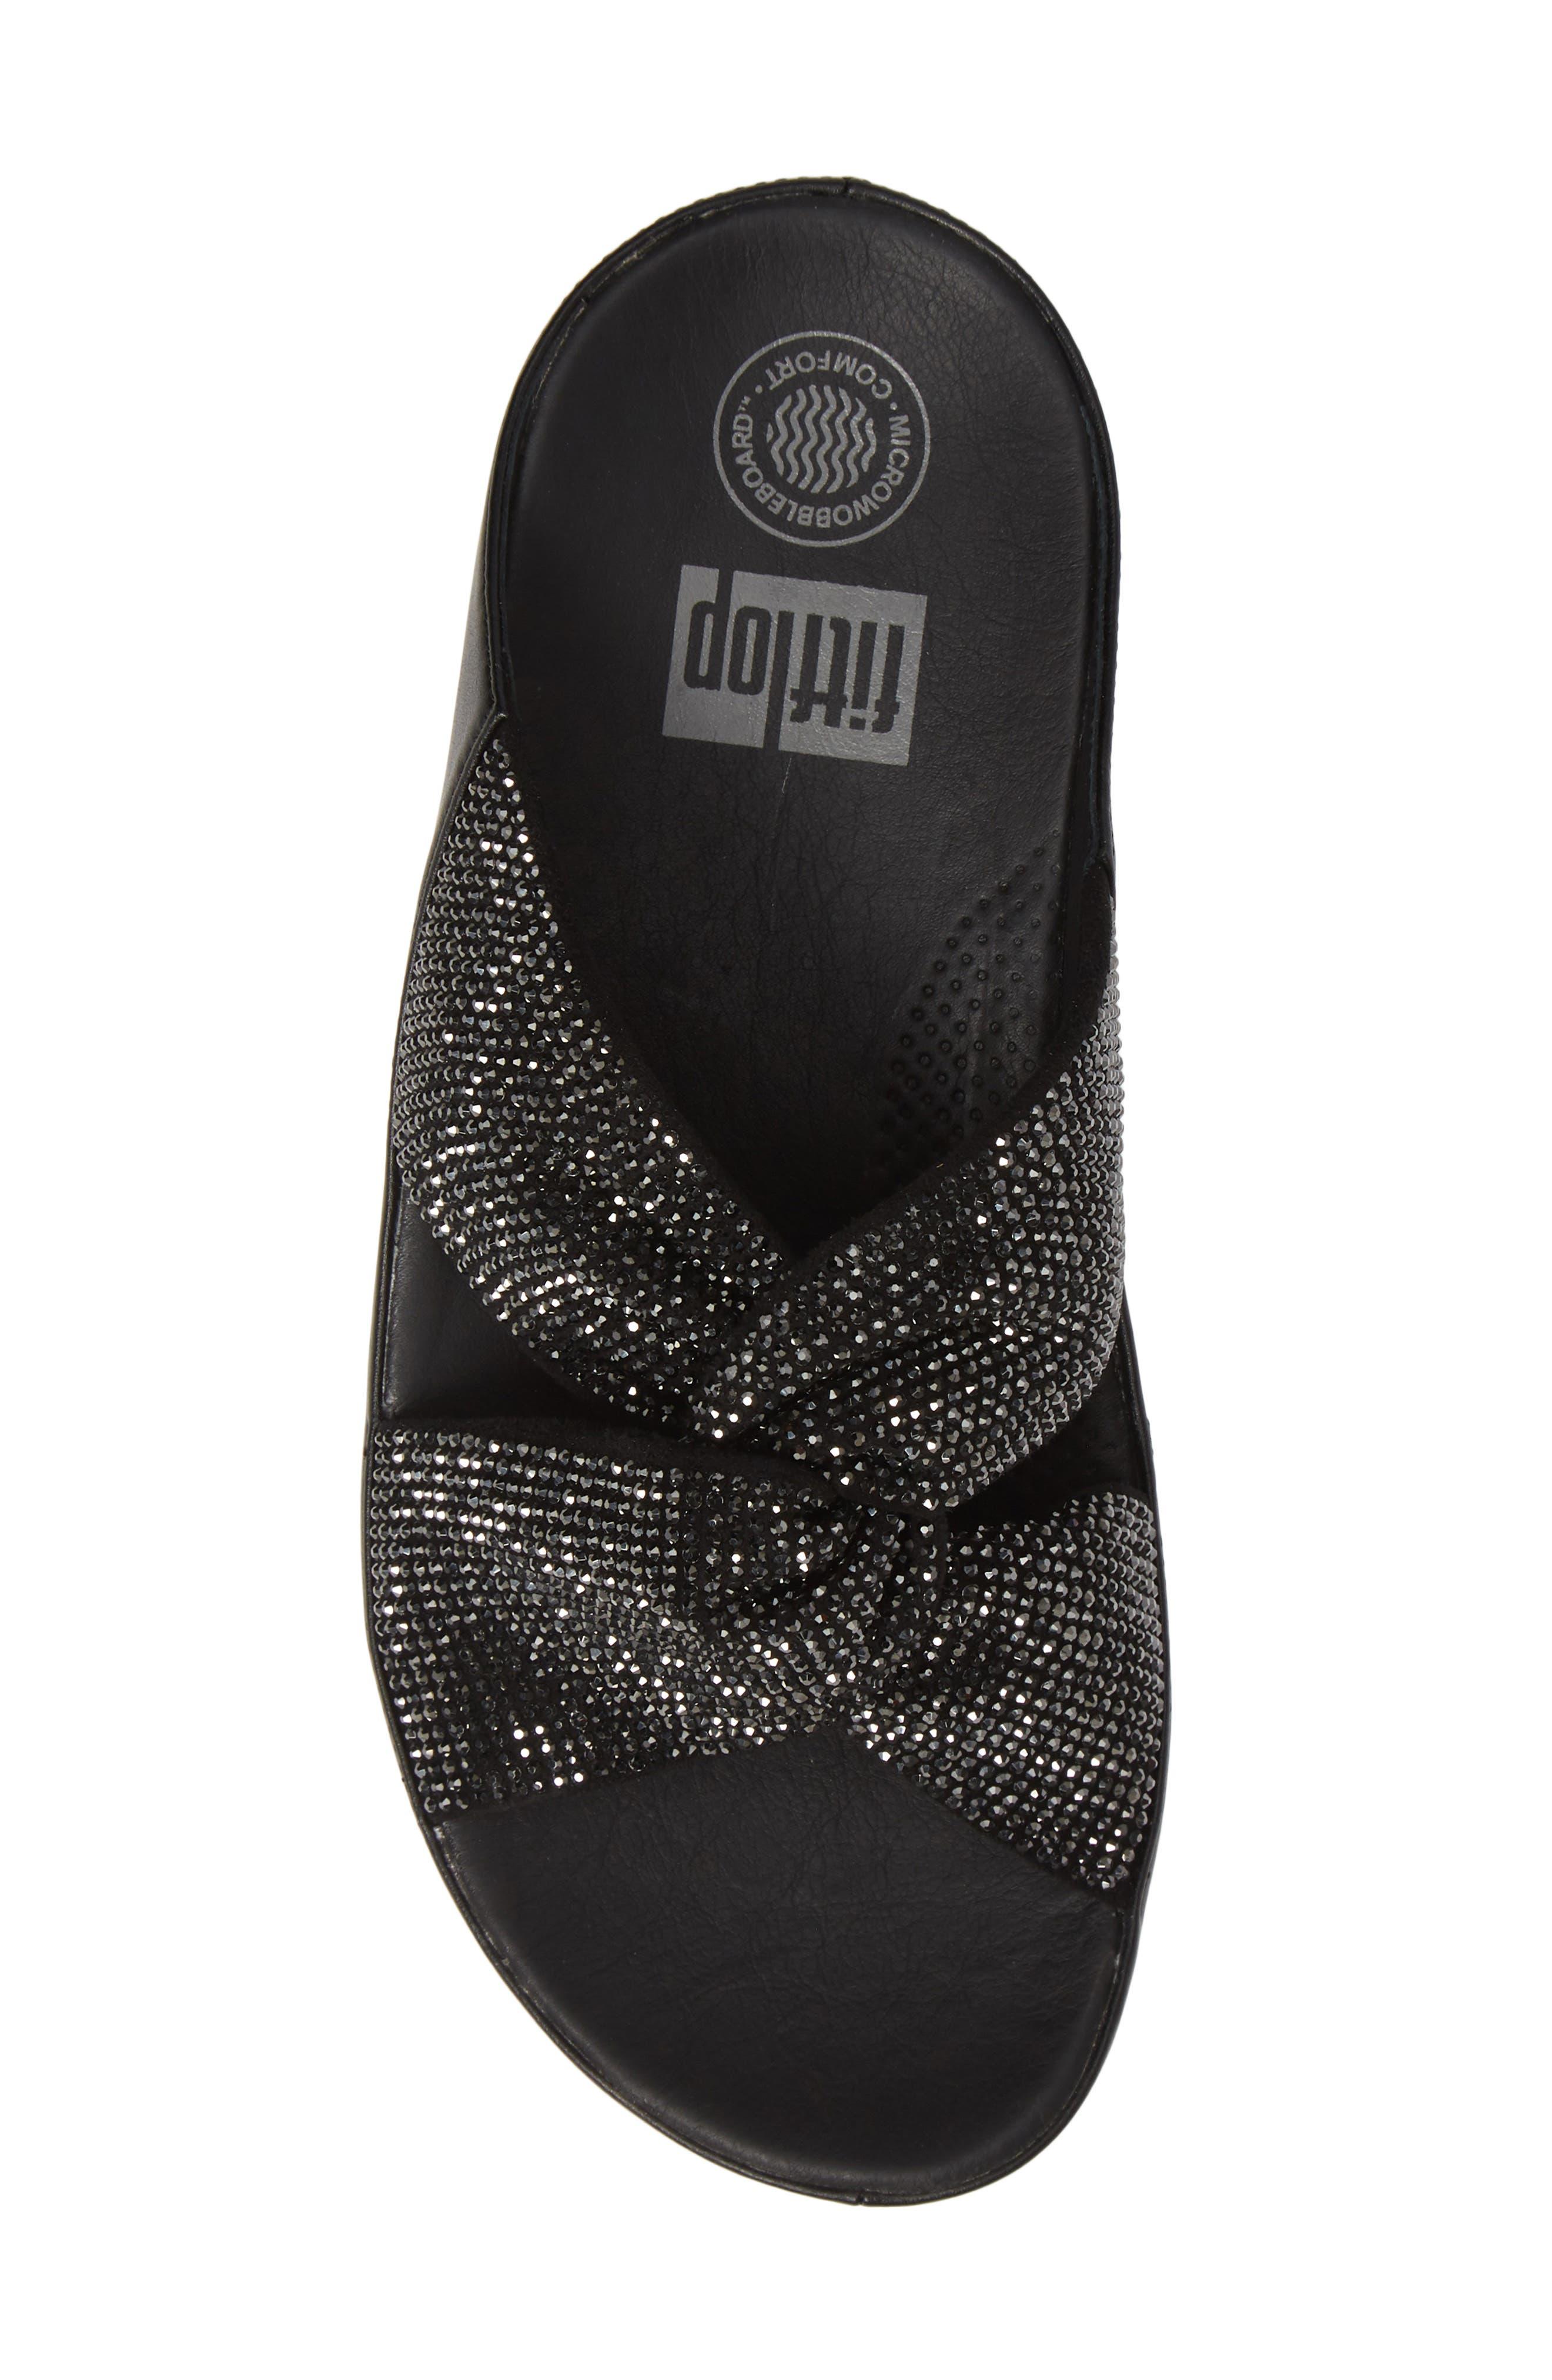 FITFLOP, Twiss Crystal Embellished Slide Sandal, Alternate thumbnail 5, color, BLACK FABRIC